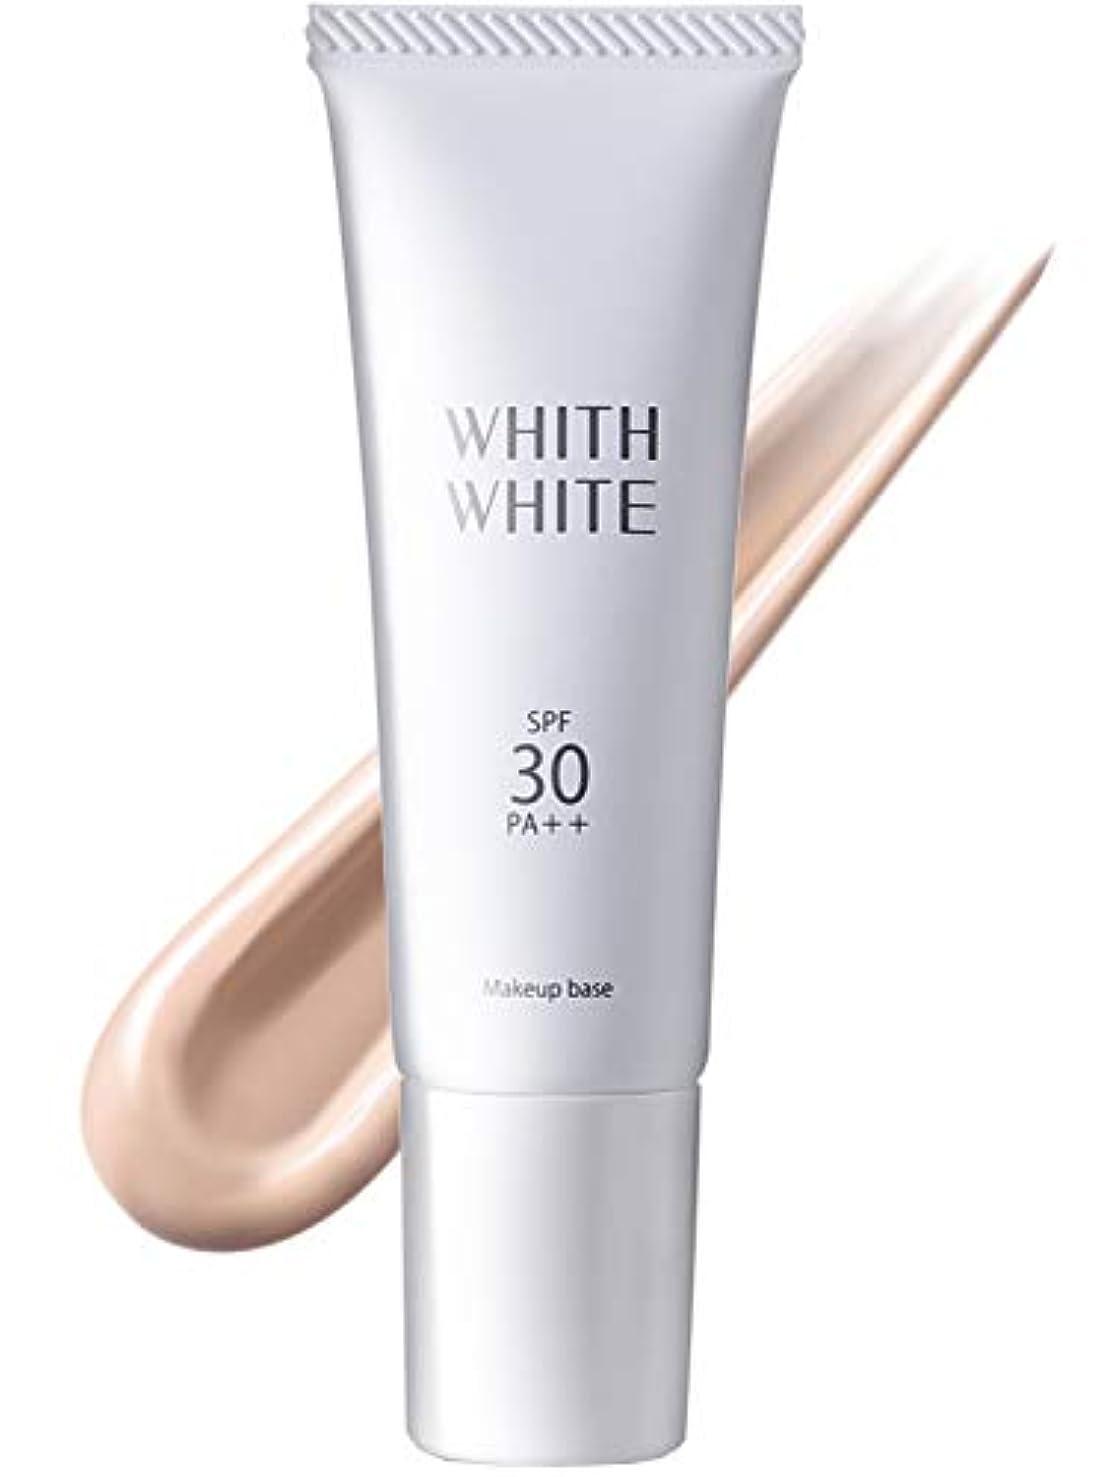 する必要がある延期する不透明なBBクリーム 化粧下地 医薬部外品 フィス 美白 「 ニキビ しわ 毛穴 皮膚テカリ 」「 ヒアルロン酸 プラセンタ 配合 」「 美白 と 保湿 のW獲り 」25g